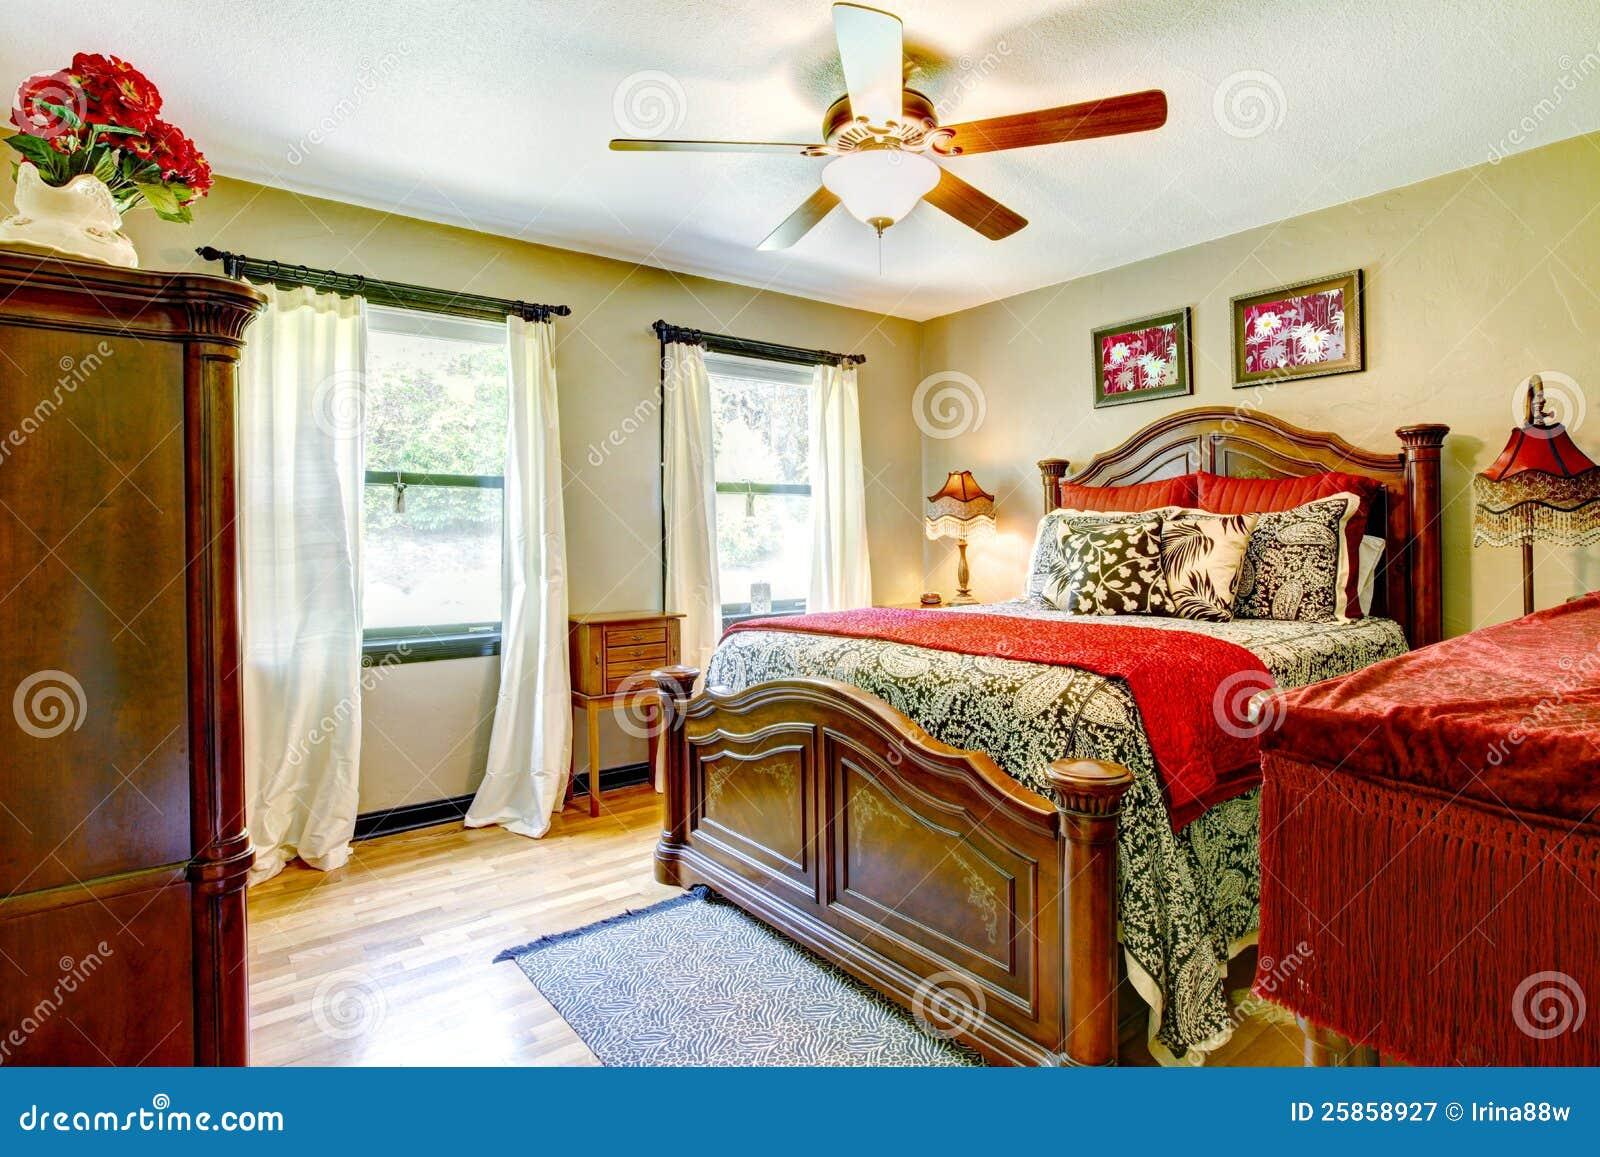 Elegantes Schlafzimmer Mit Rot Und Goldinnenraum. Stockbild - Bild ...